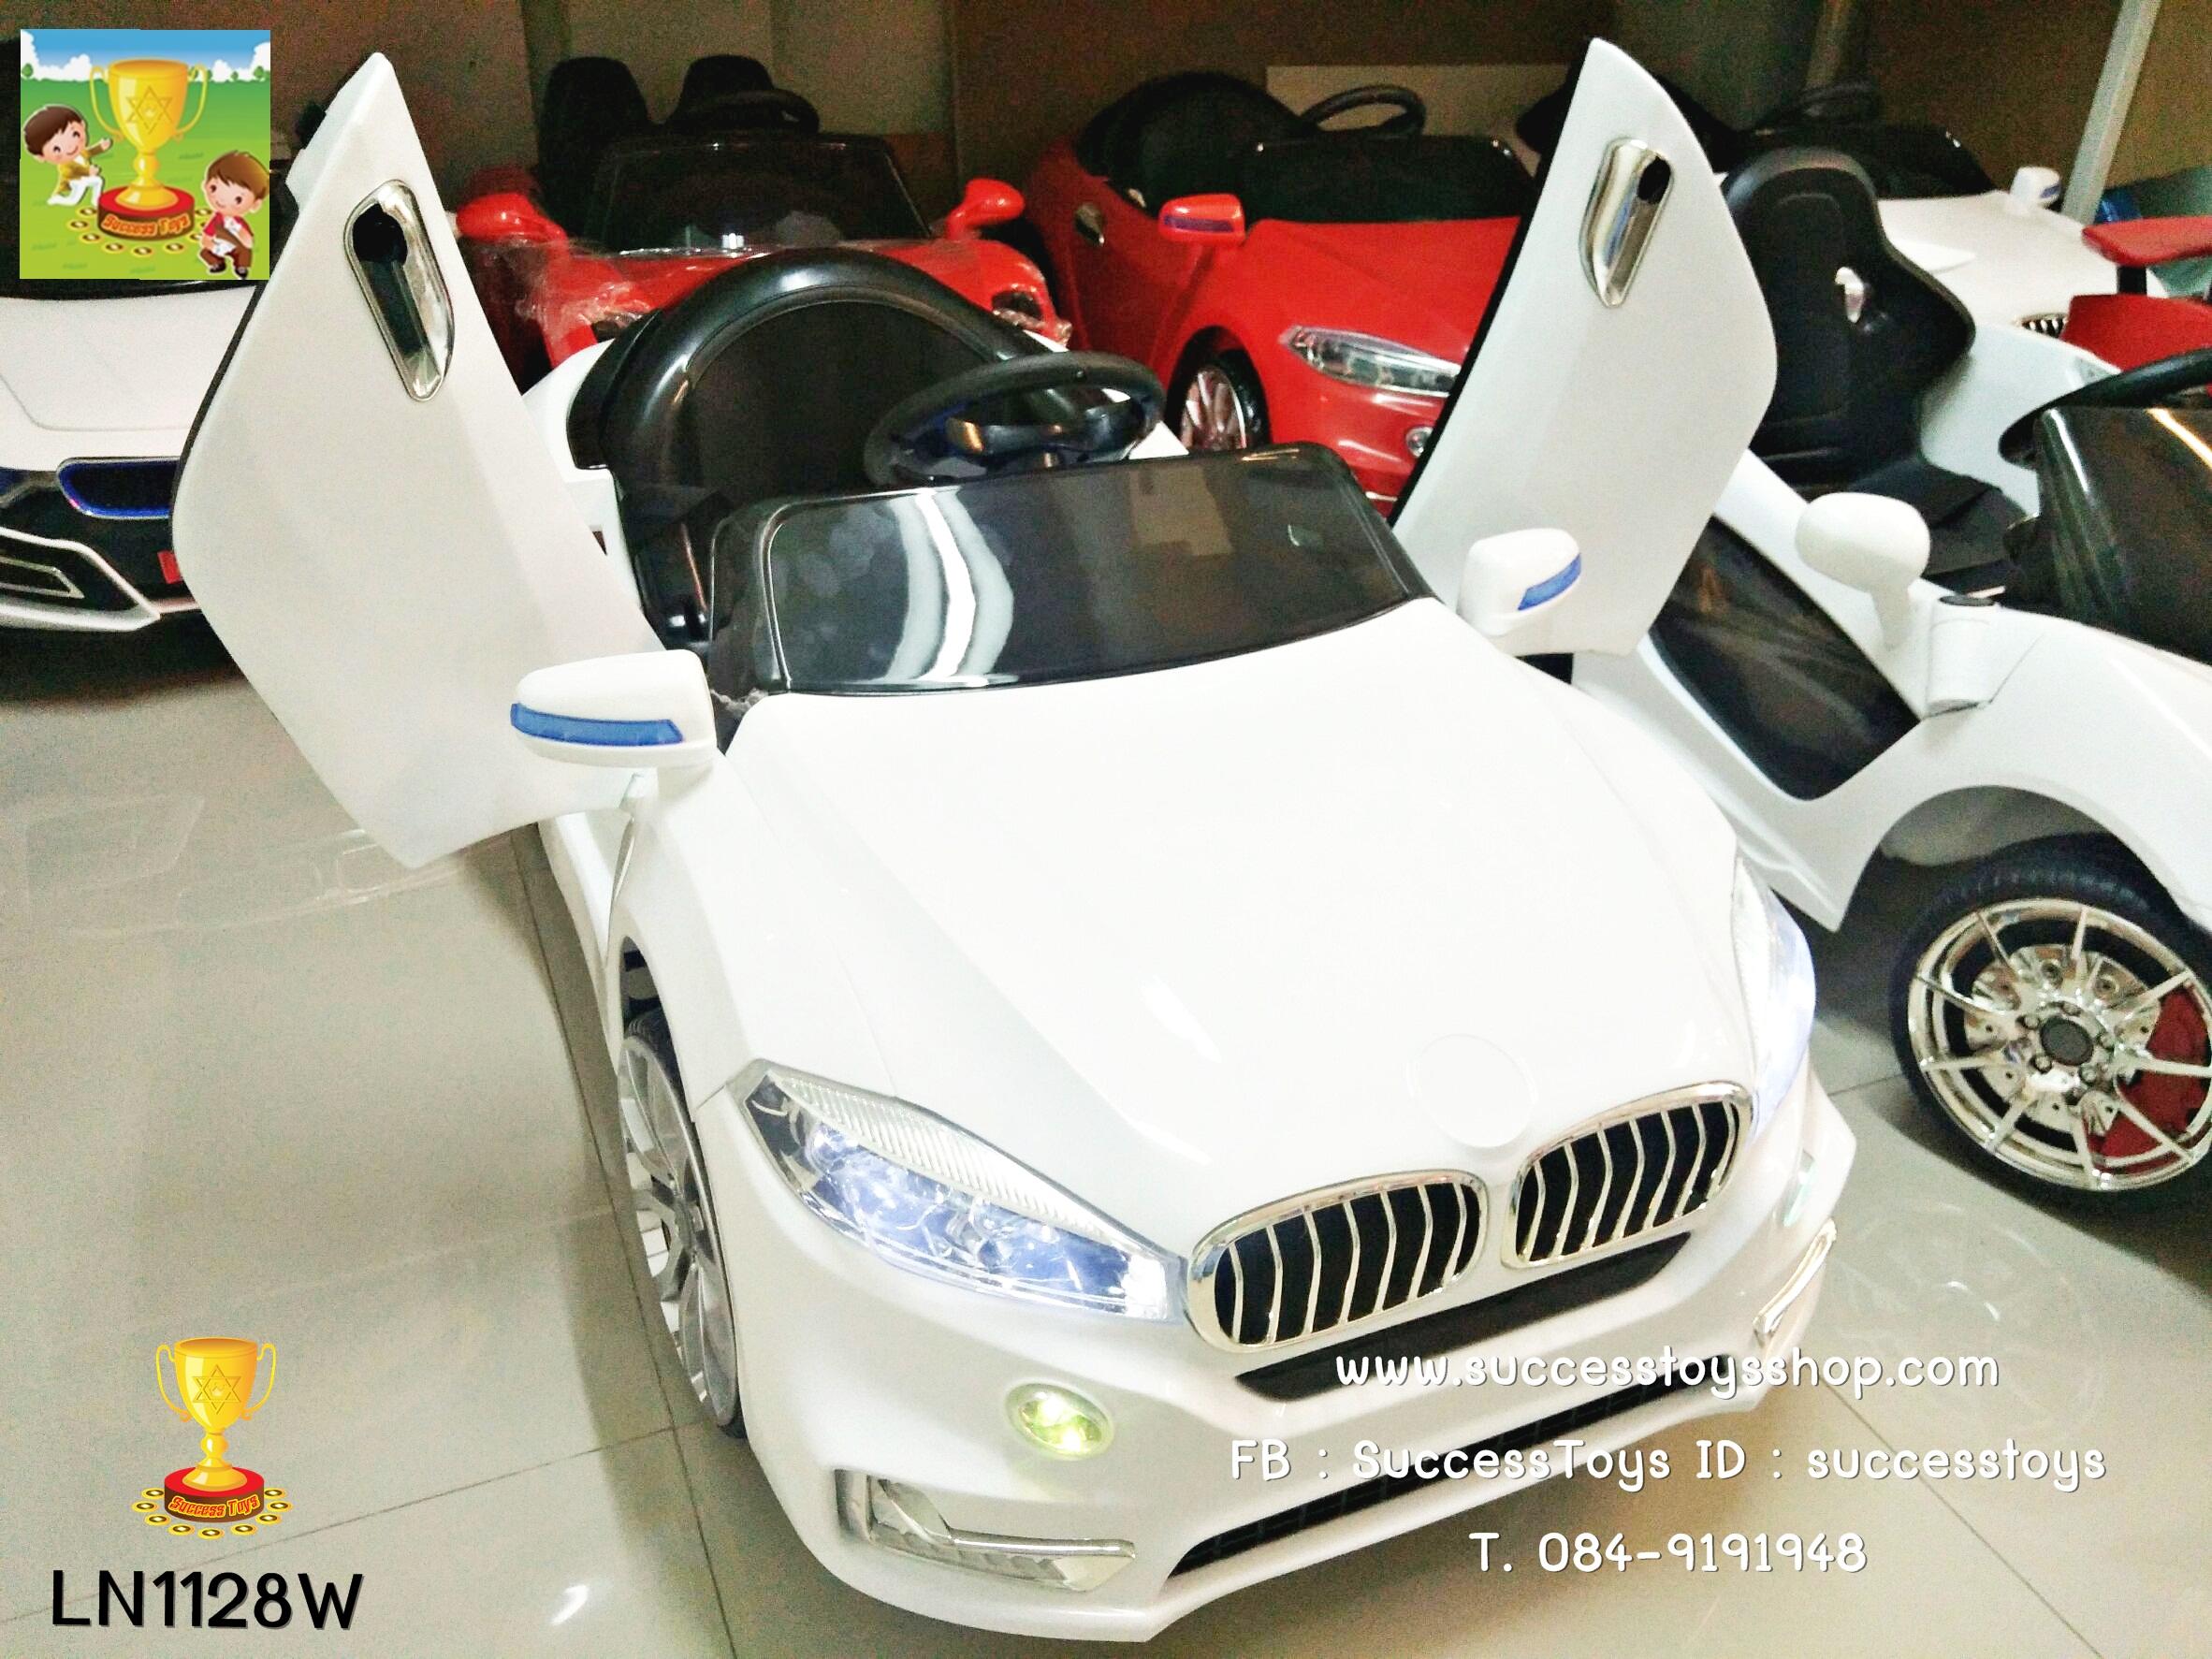 LN1128W รถแบตเตอรี่เด็กนั่งไฟฟ้า ยี่ห้อ BMW ประตูปีกนก มี 2 สี ขาว / แดง